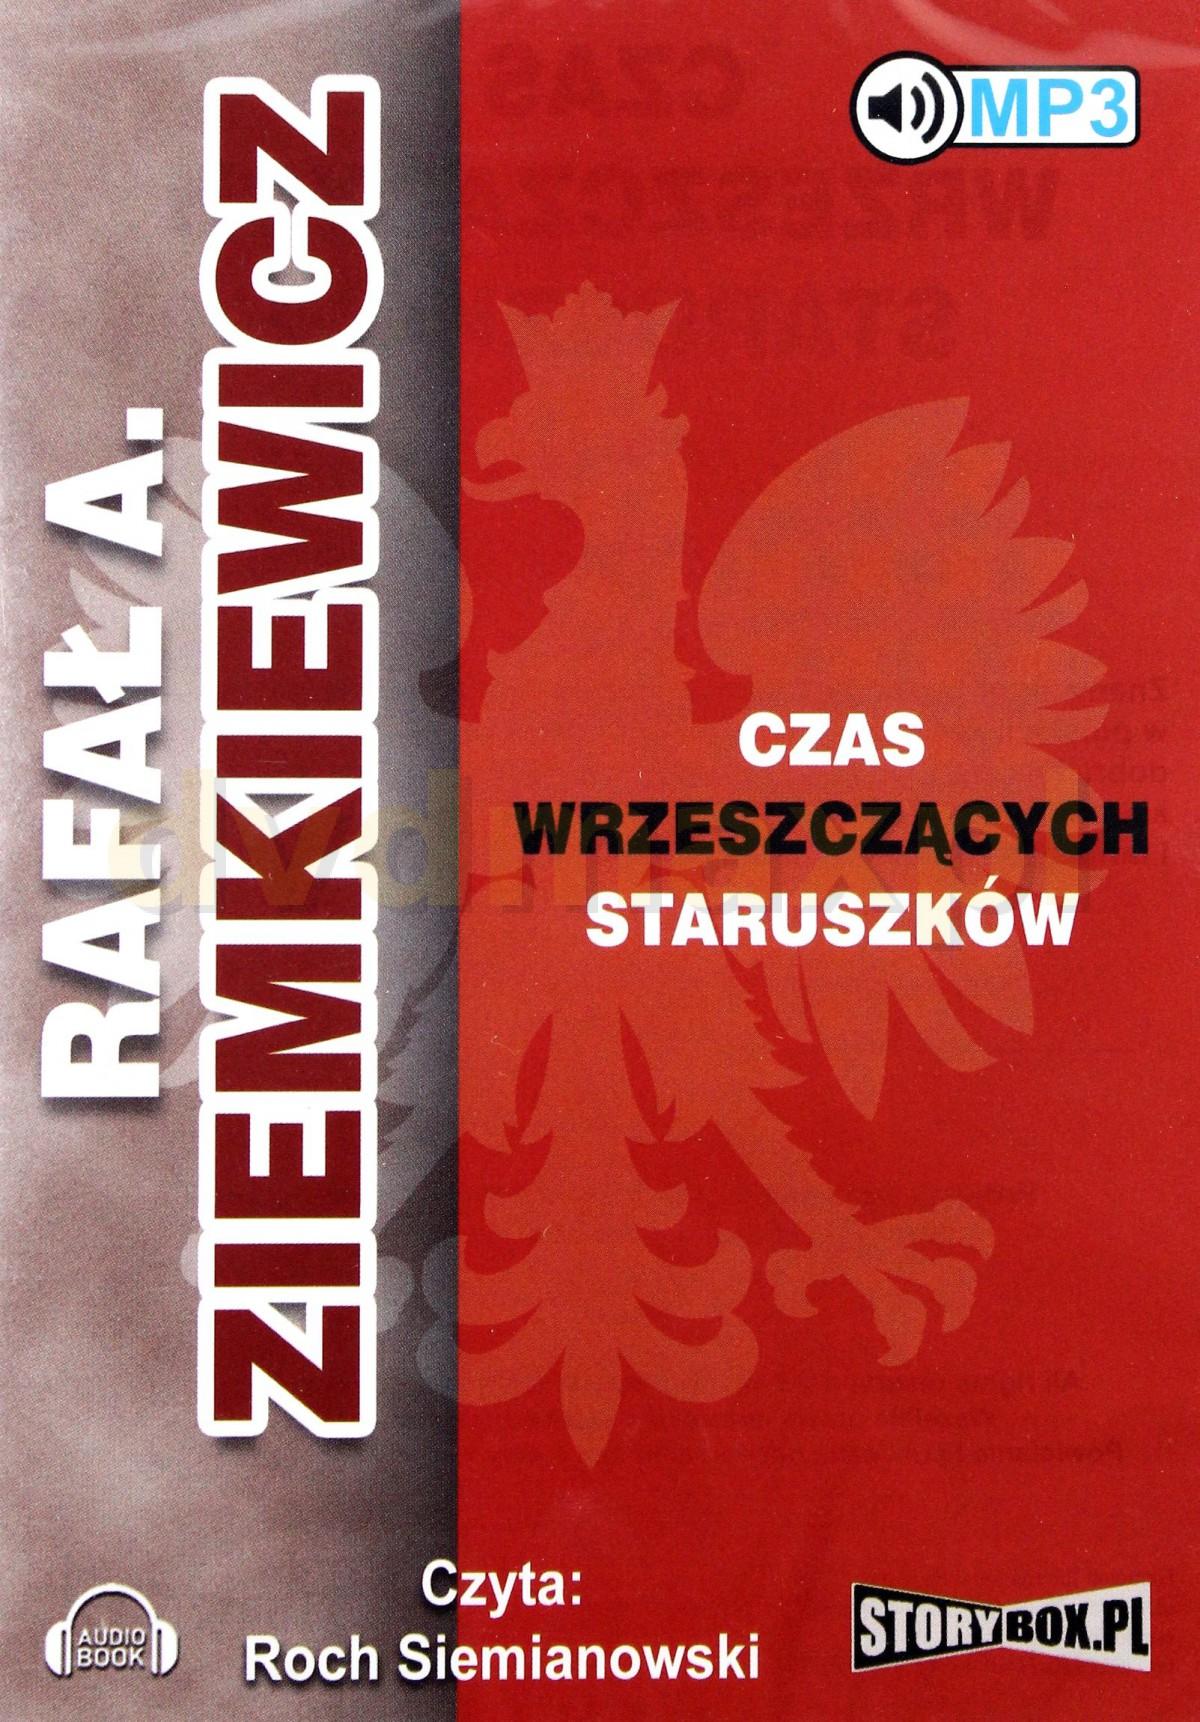 Ziemkiewicz Rafał A. – Czas Wrzeszczących Staruszków